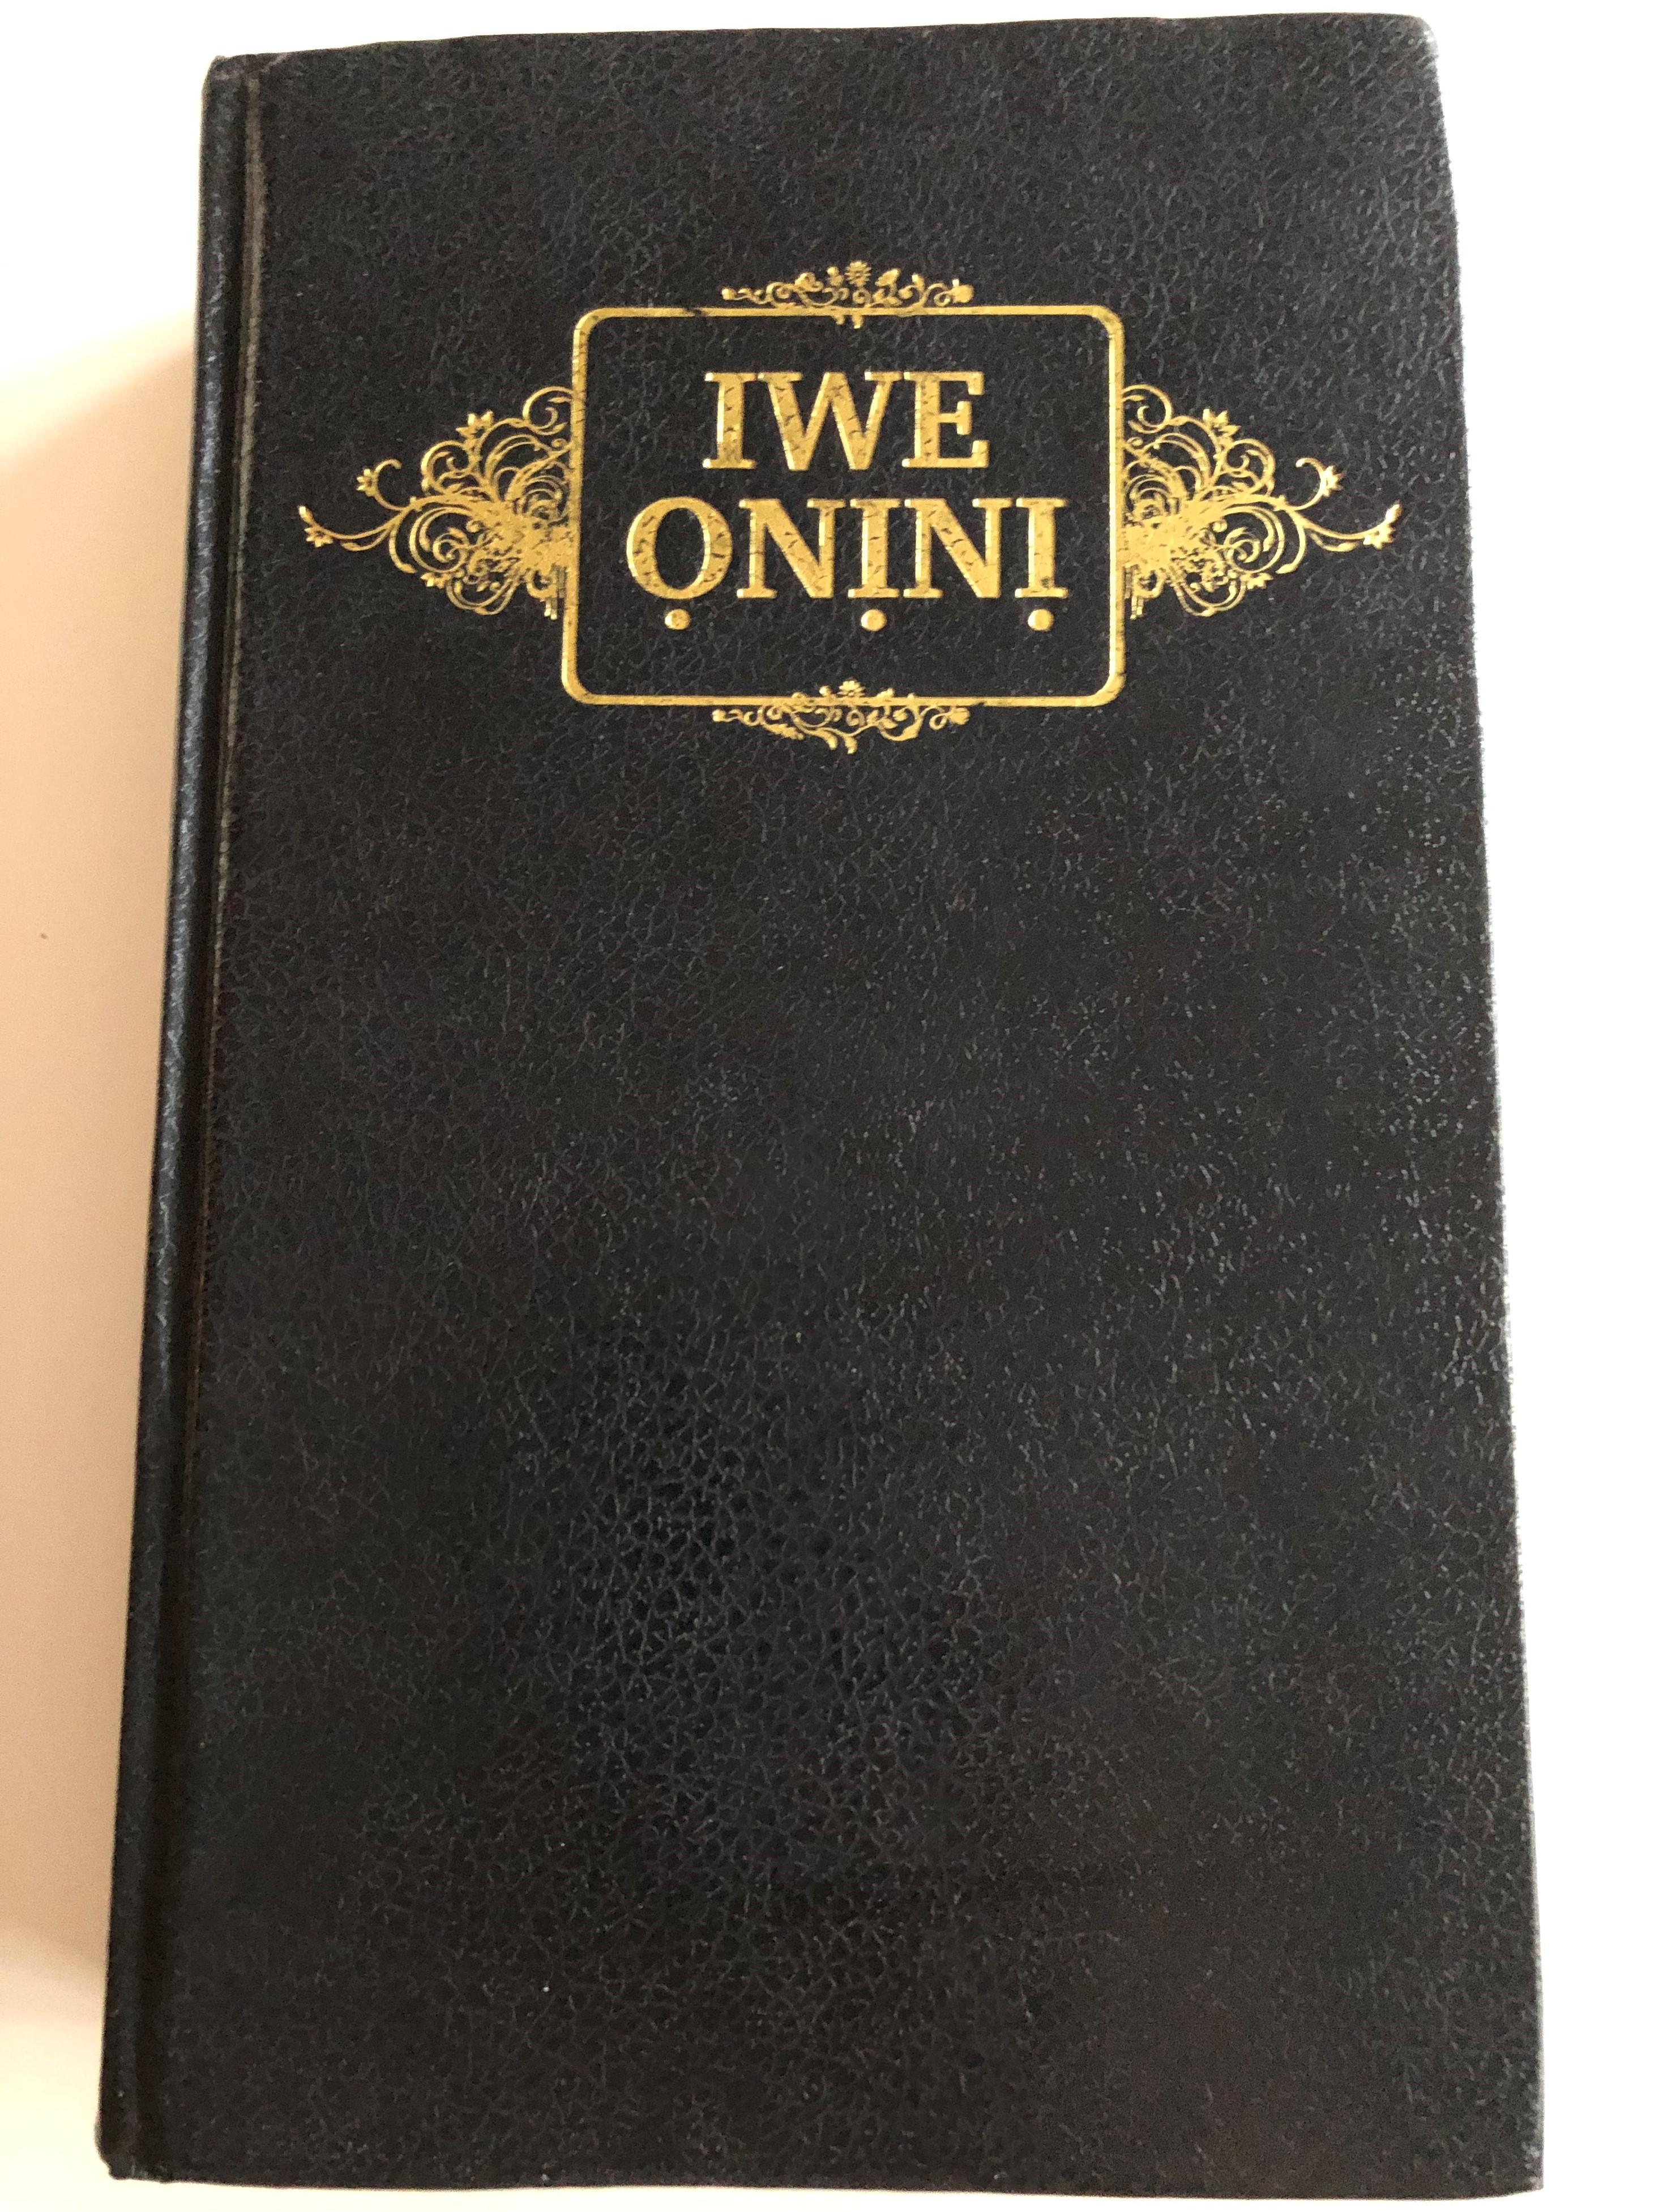 iwe-onini-the-holy-bible-in-ebira-language-1.jpg